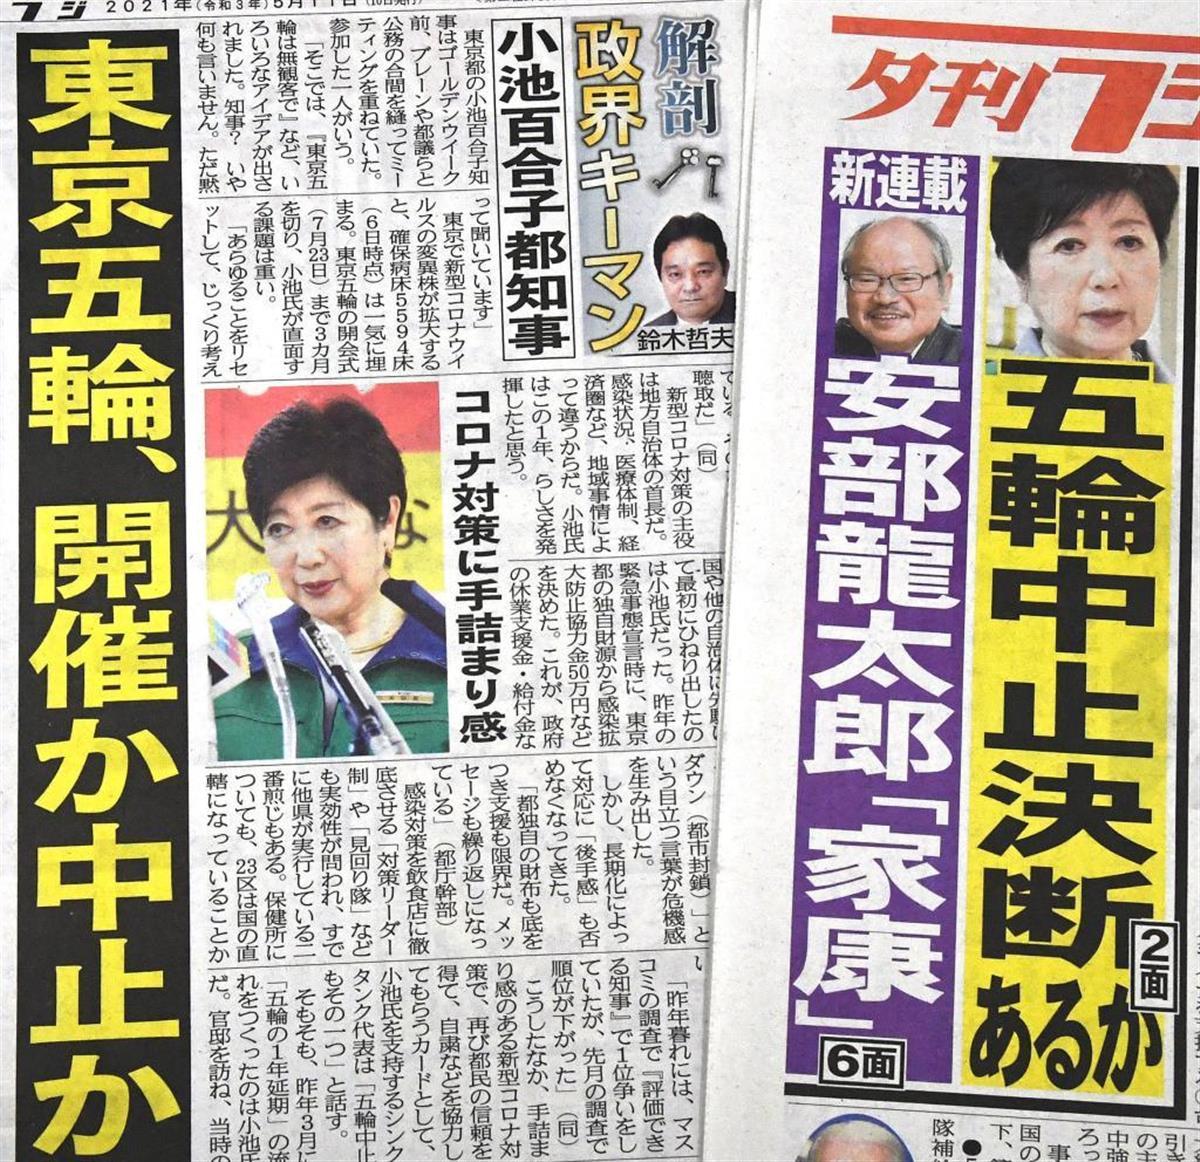 政治ジャーナリスト、鈴木哲夫氏による、小池都知事に関する寄稿